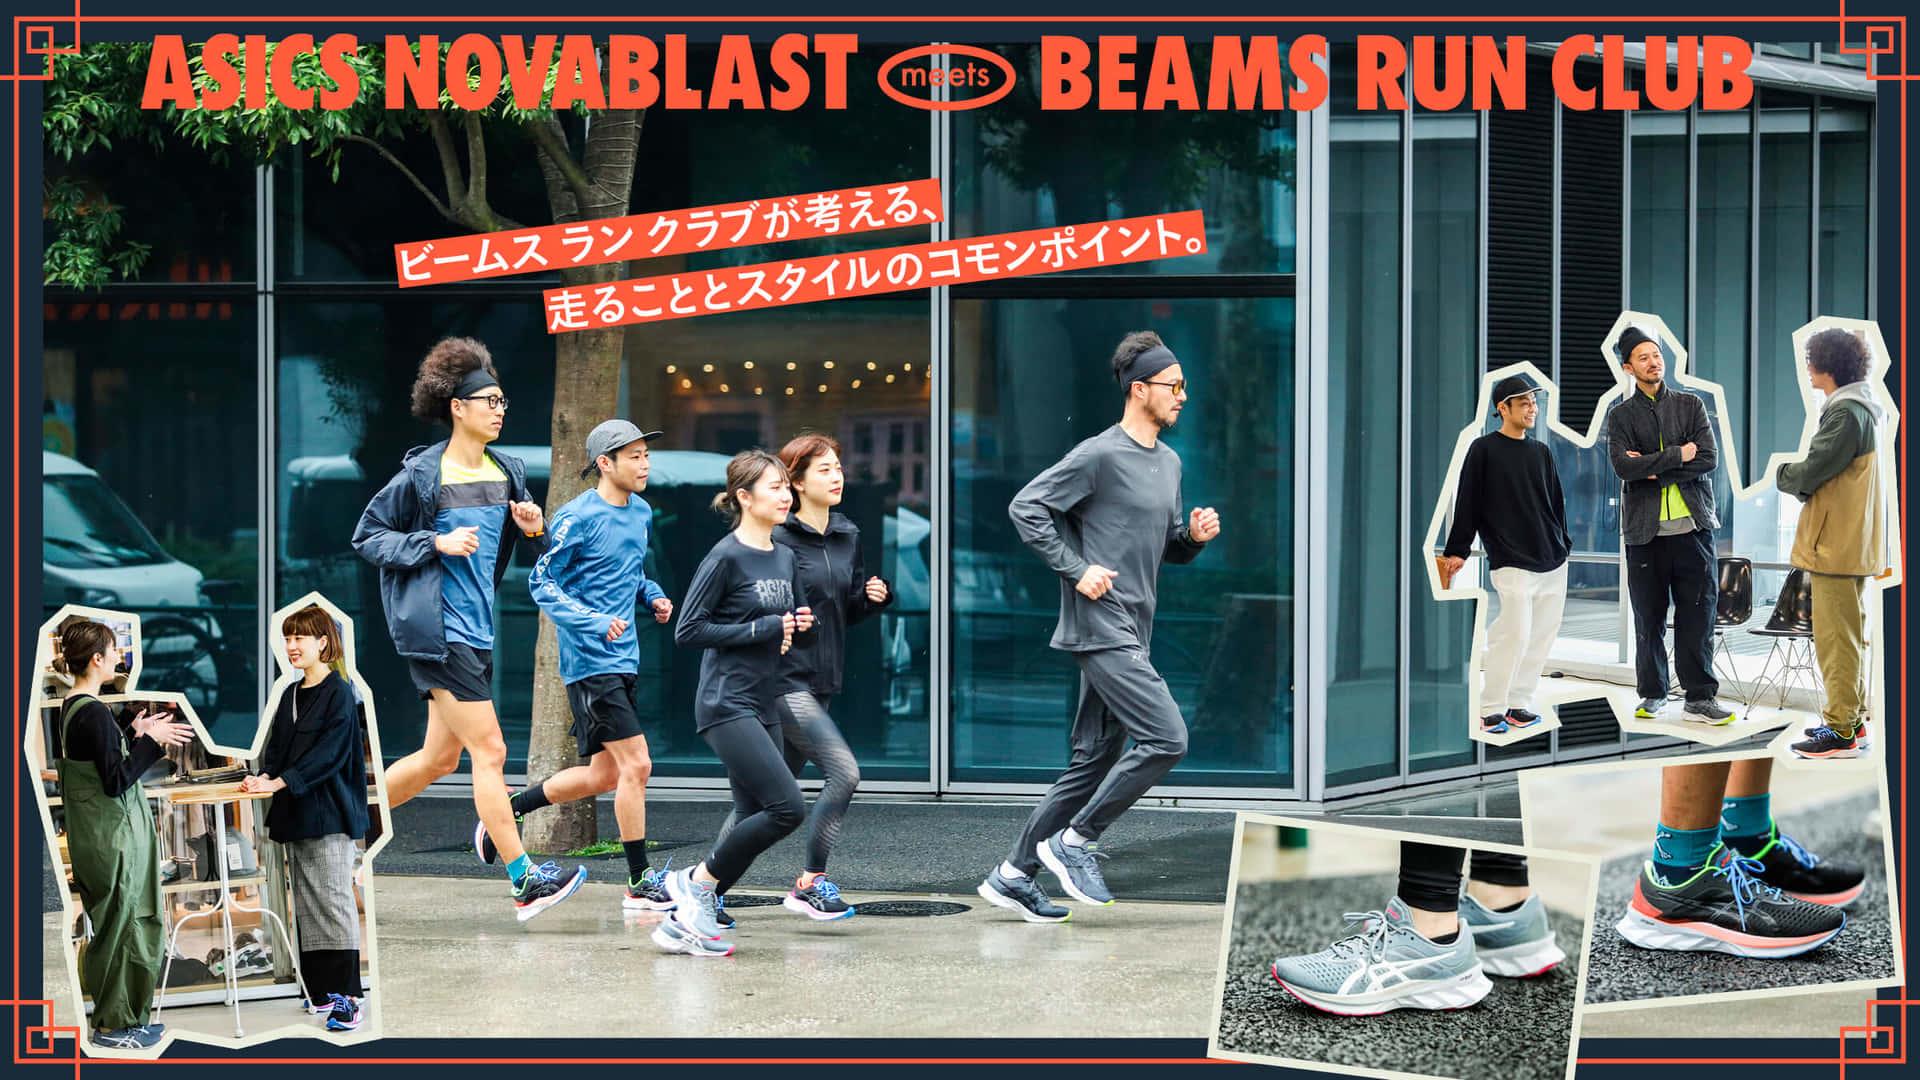 ビームス ラン クラブが考える、走ることとスタイルのコモンポイント。